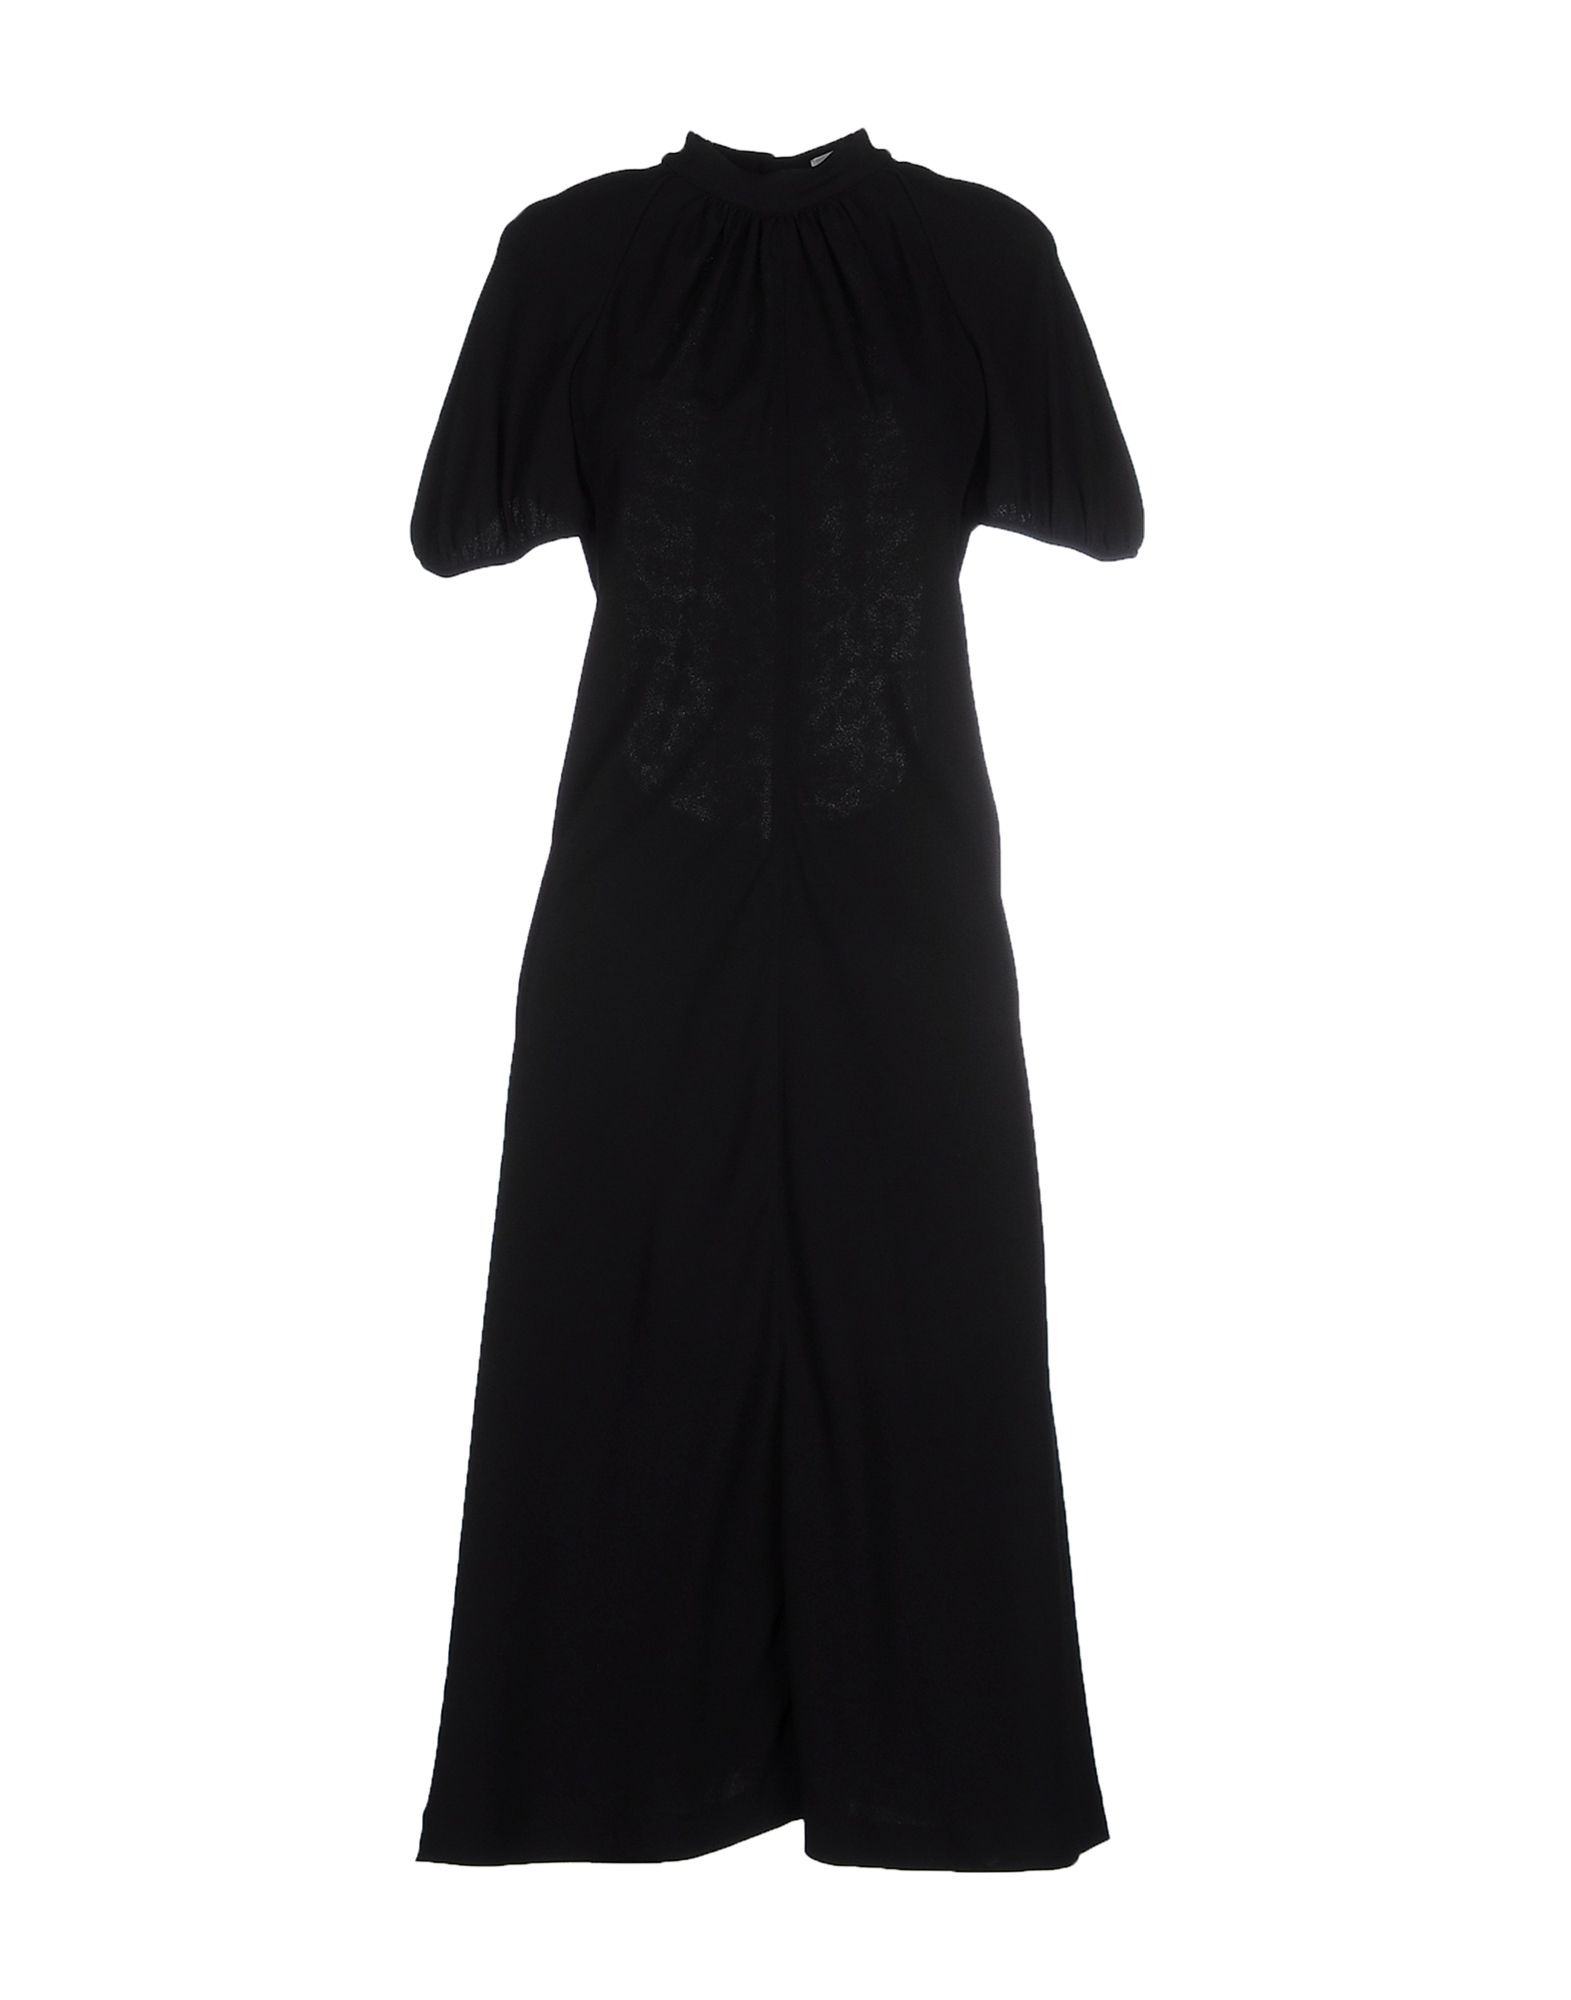 15 Erstaunlich Kleid Schwarz Midi ÄrmelFormal Perfekt Kleid Schwarz Midi Ärmel